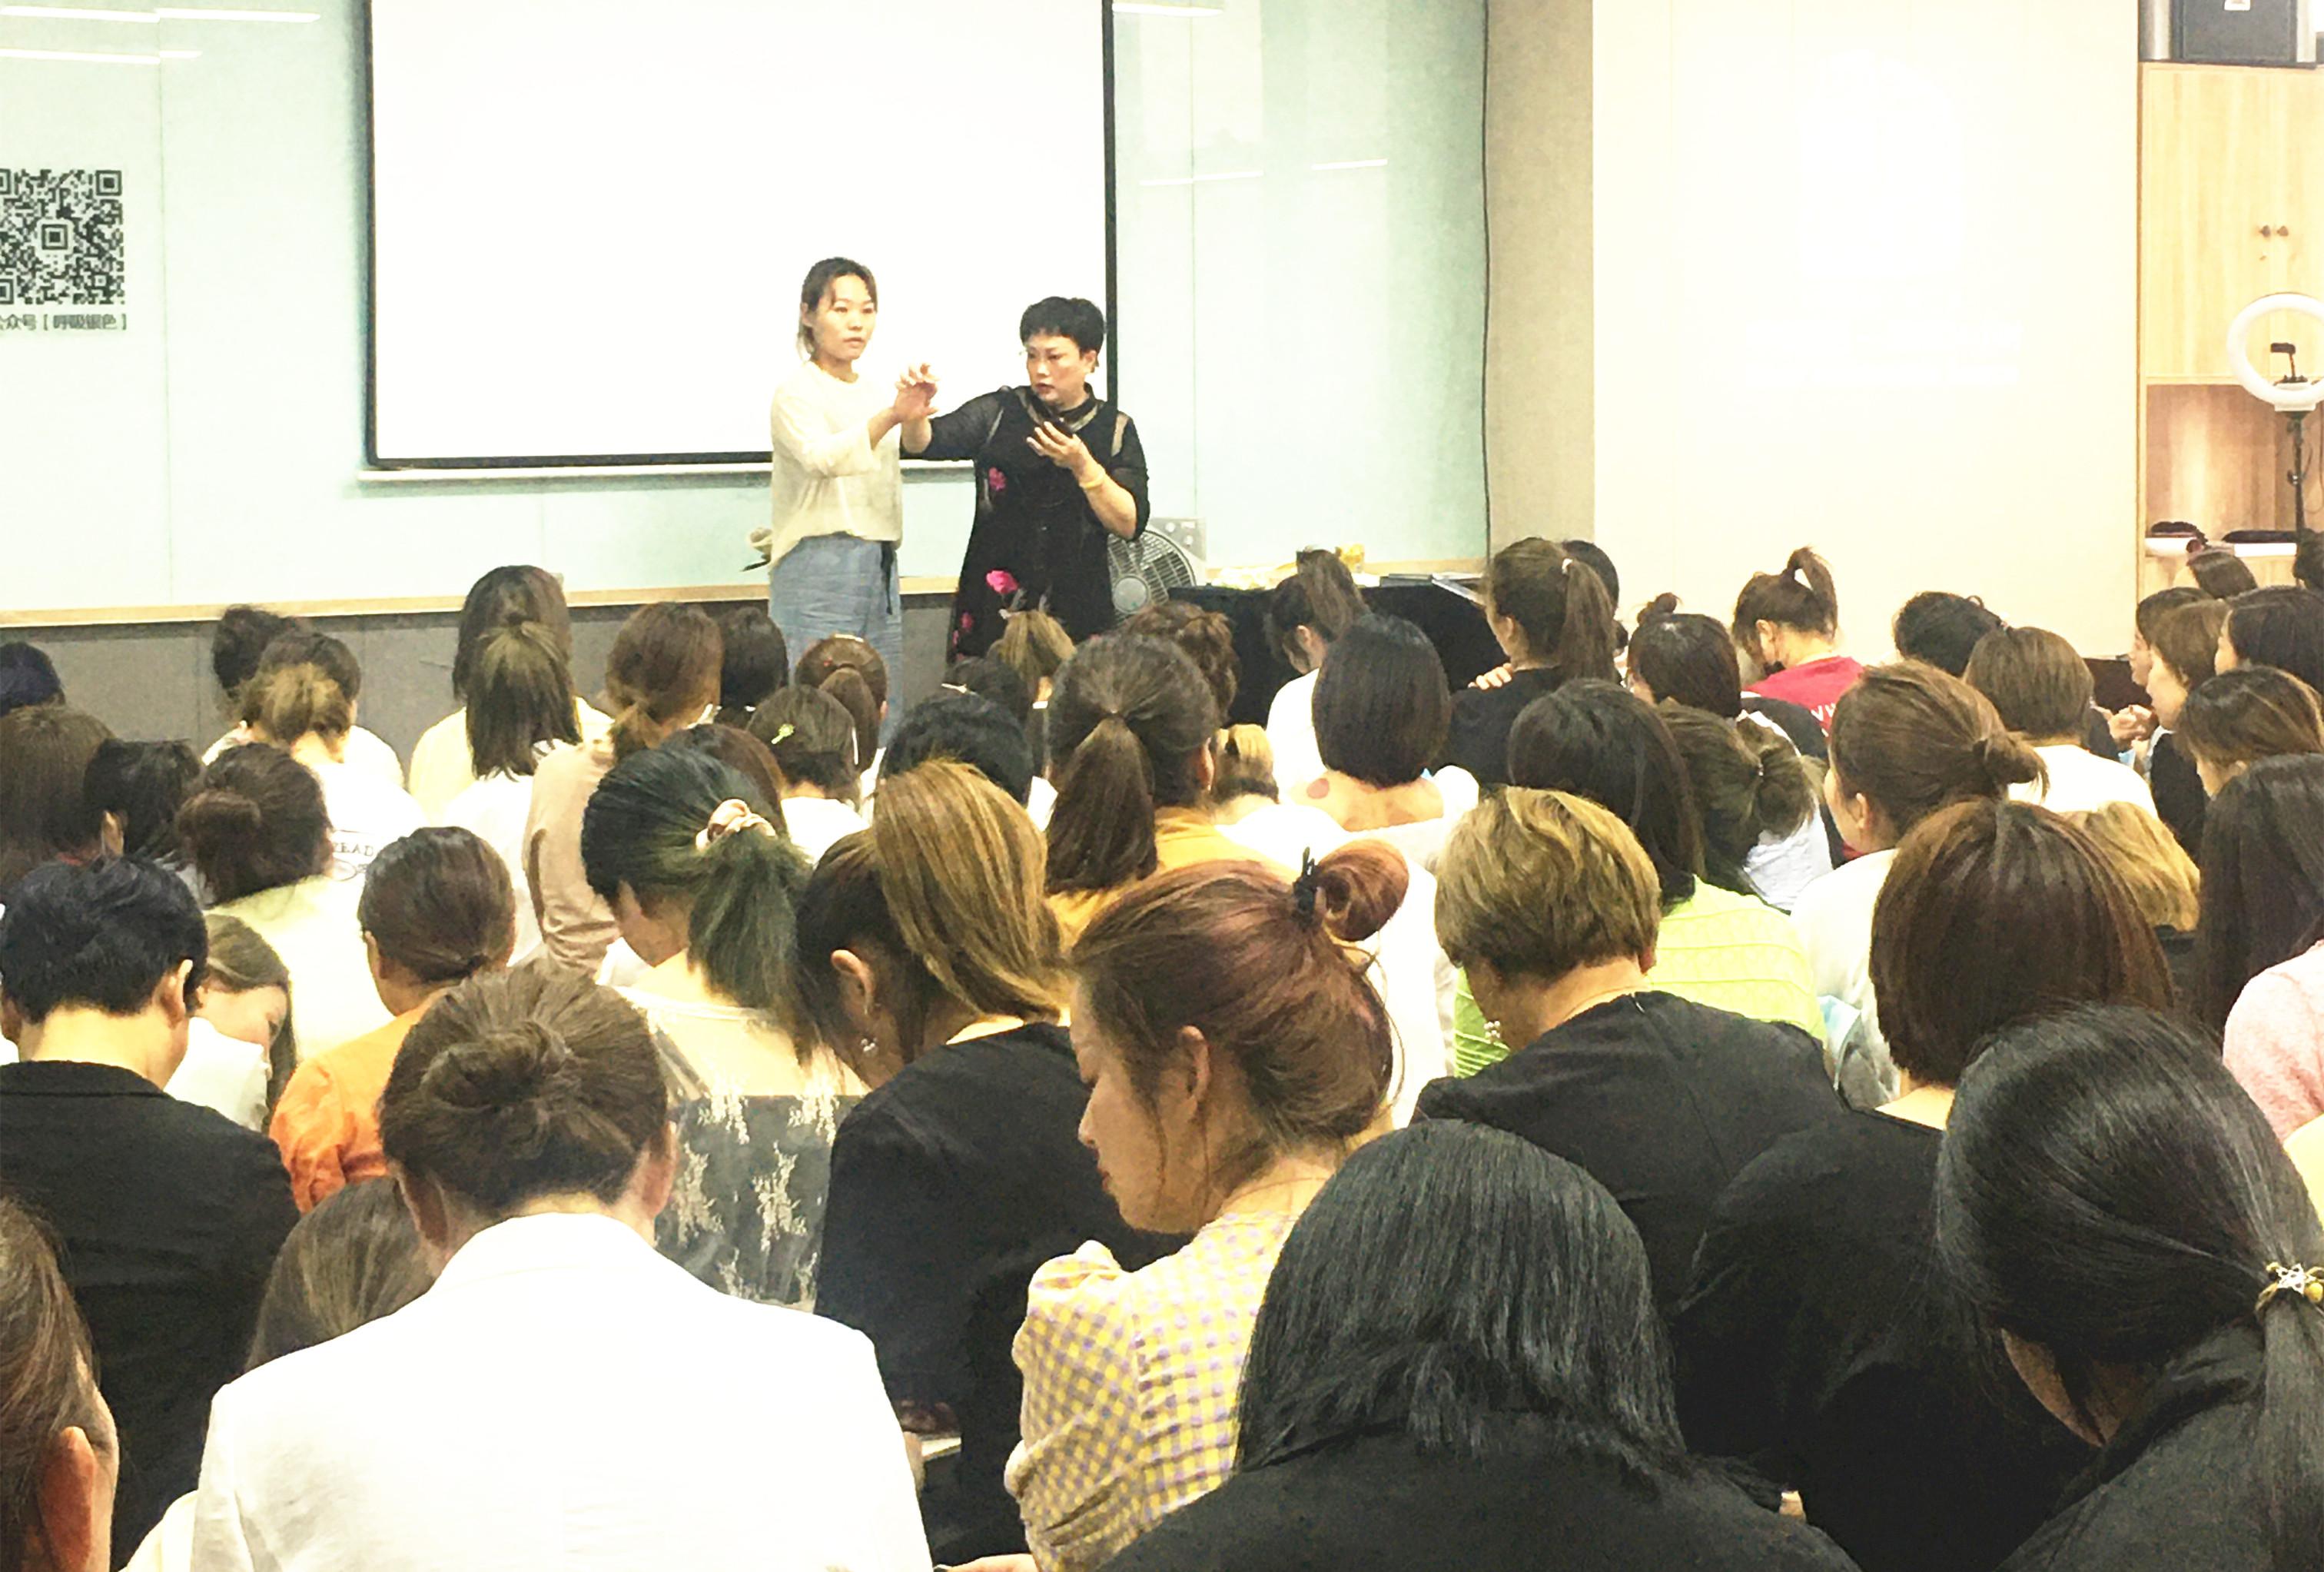 康乃馨廖总出席郑州银色·美之家学习培训会